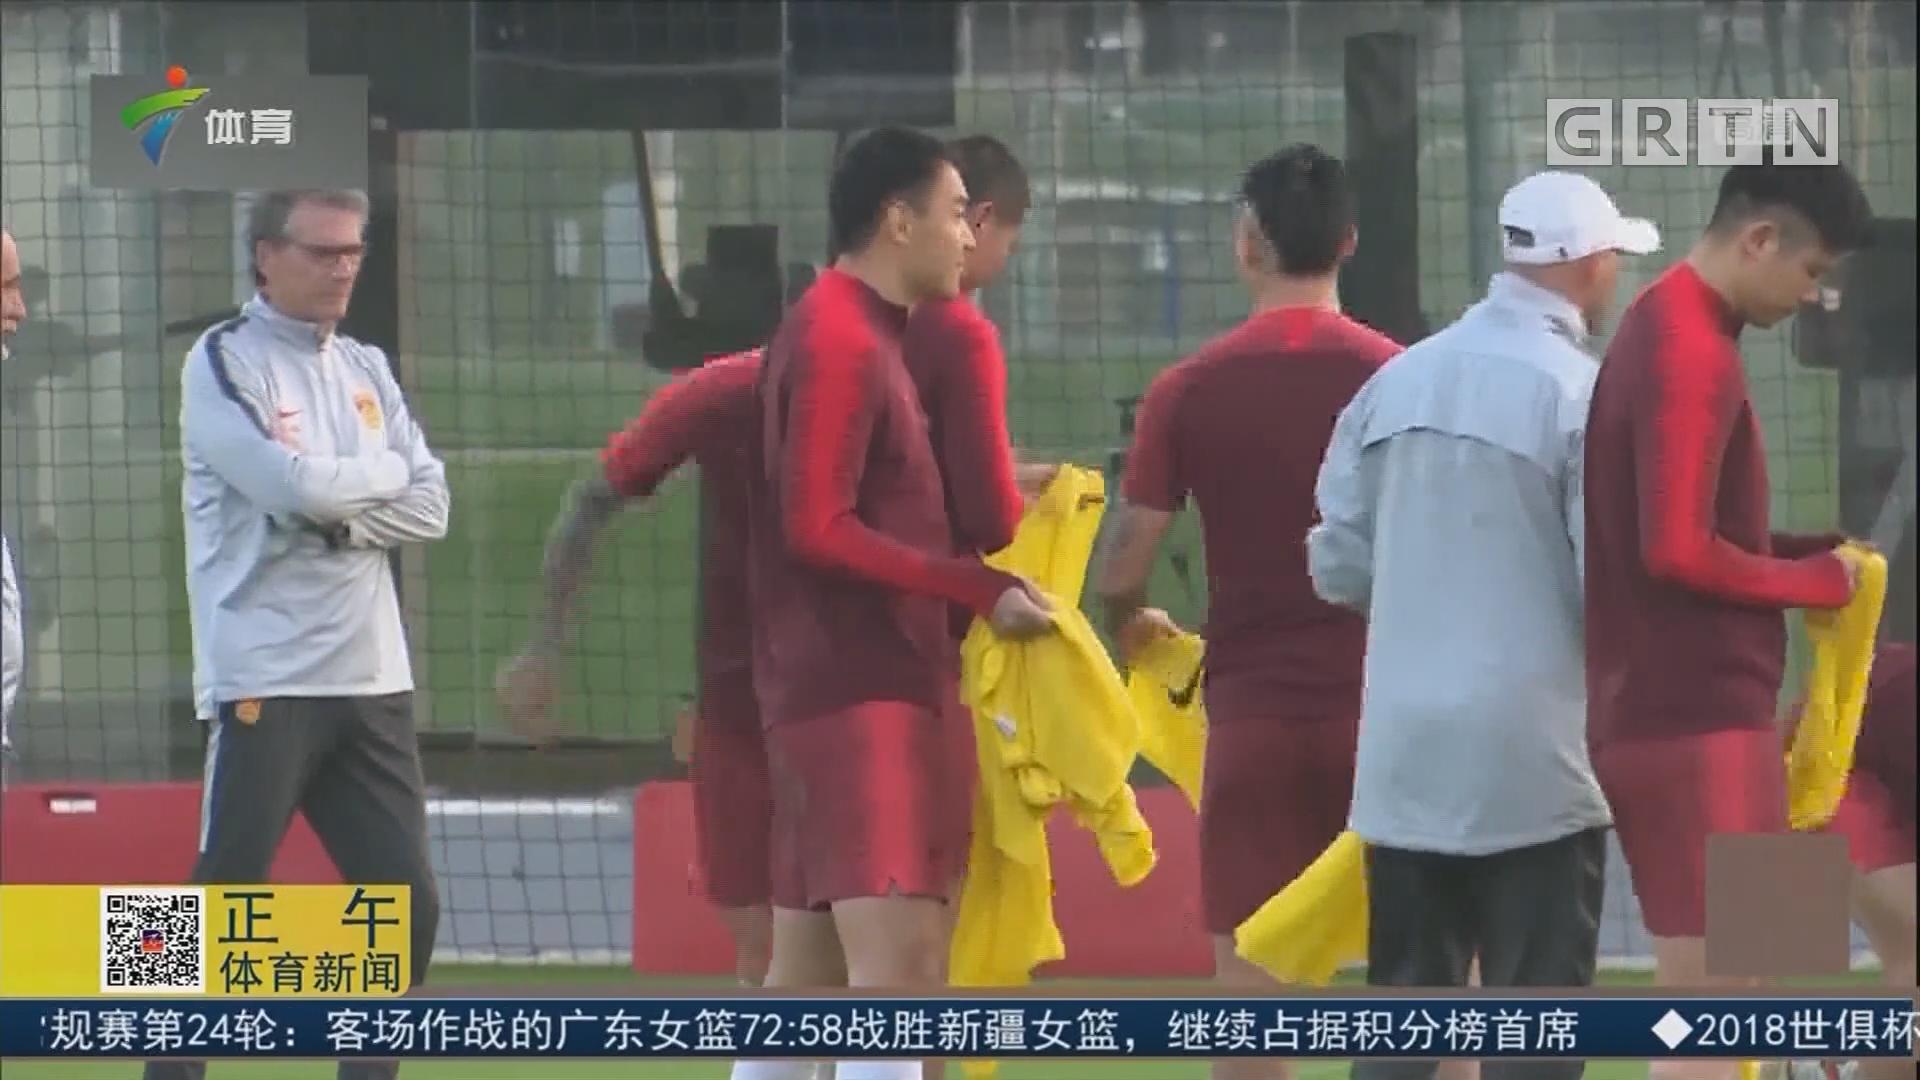 国足适应比赛用球 教学比赛意义重大